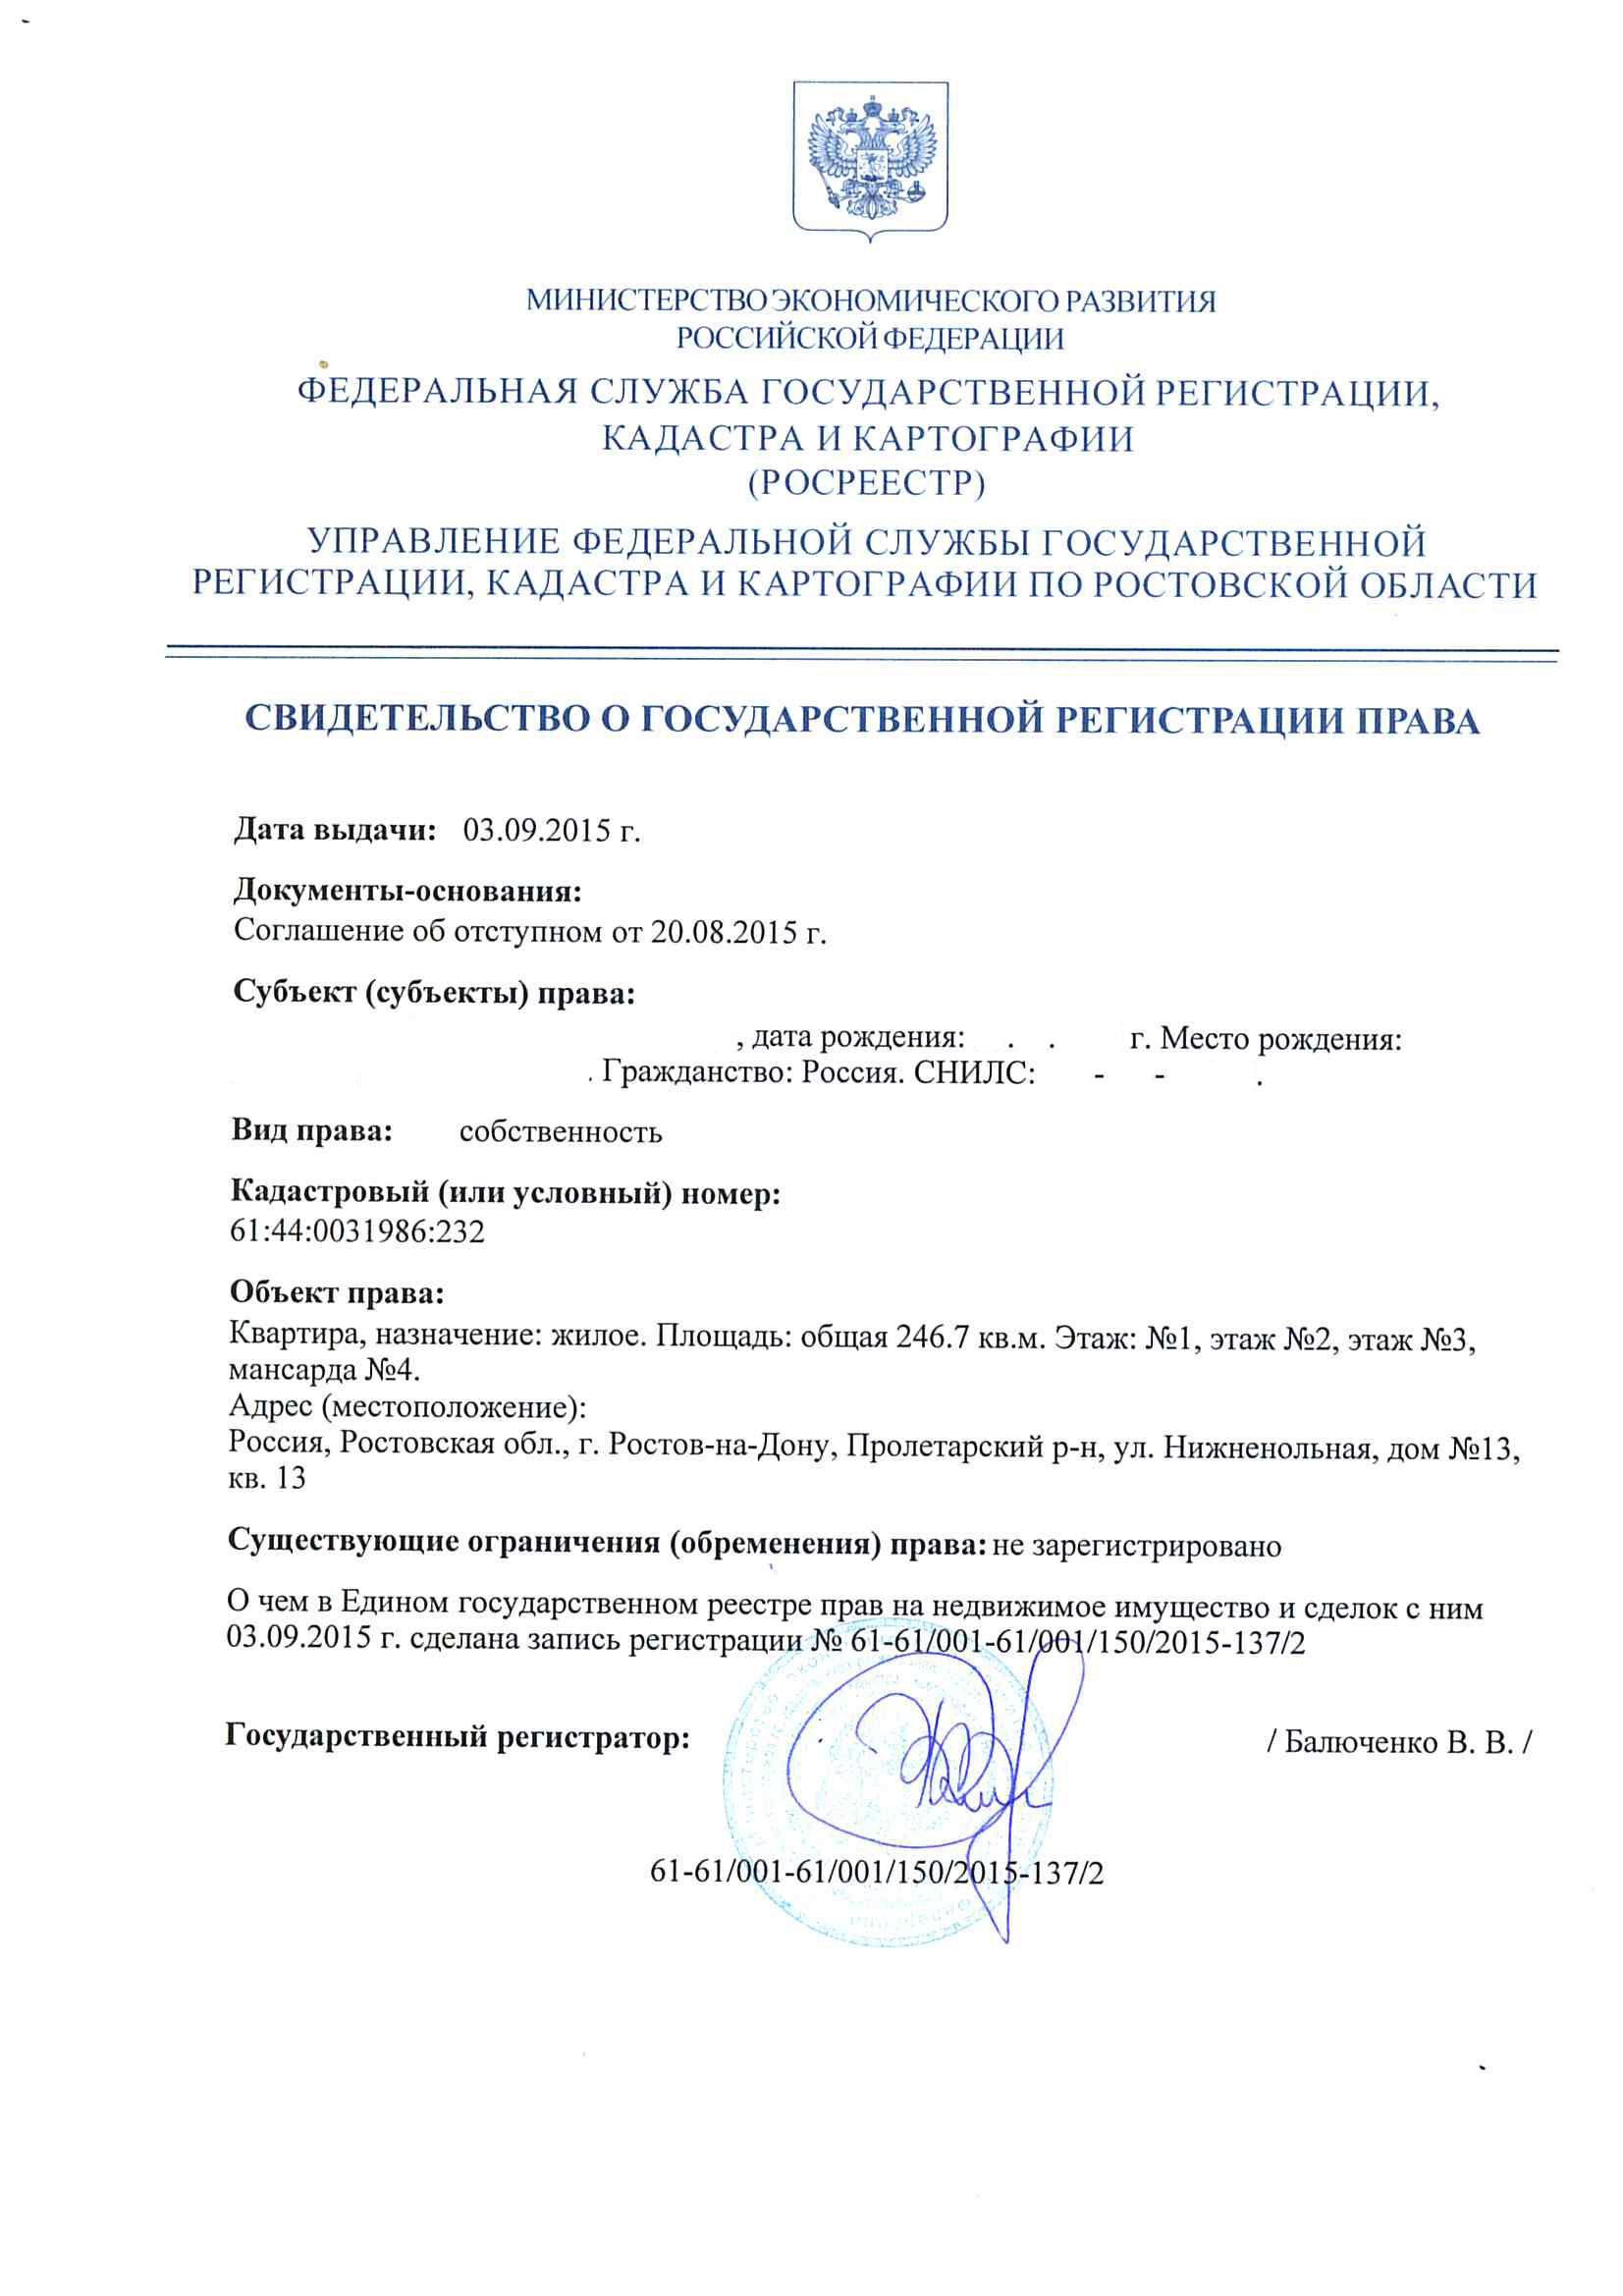 Свидетельство о гос регистрации квартира 13